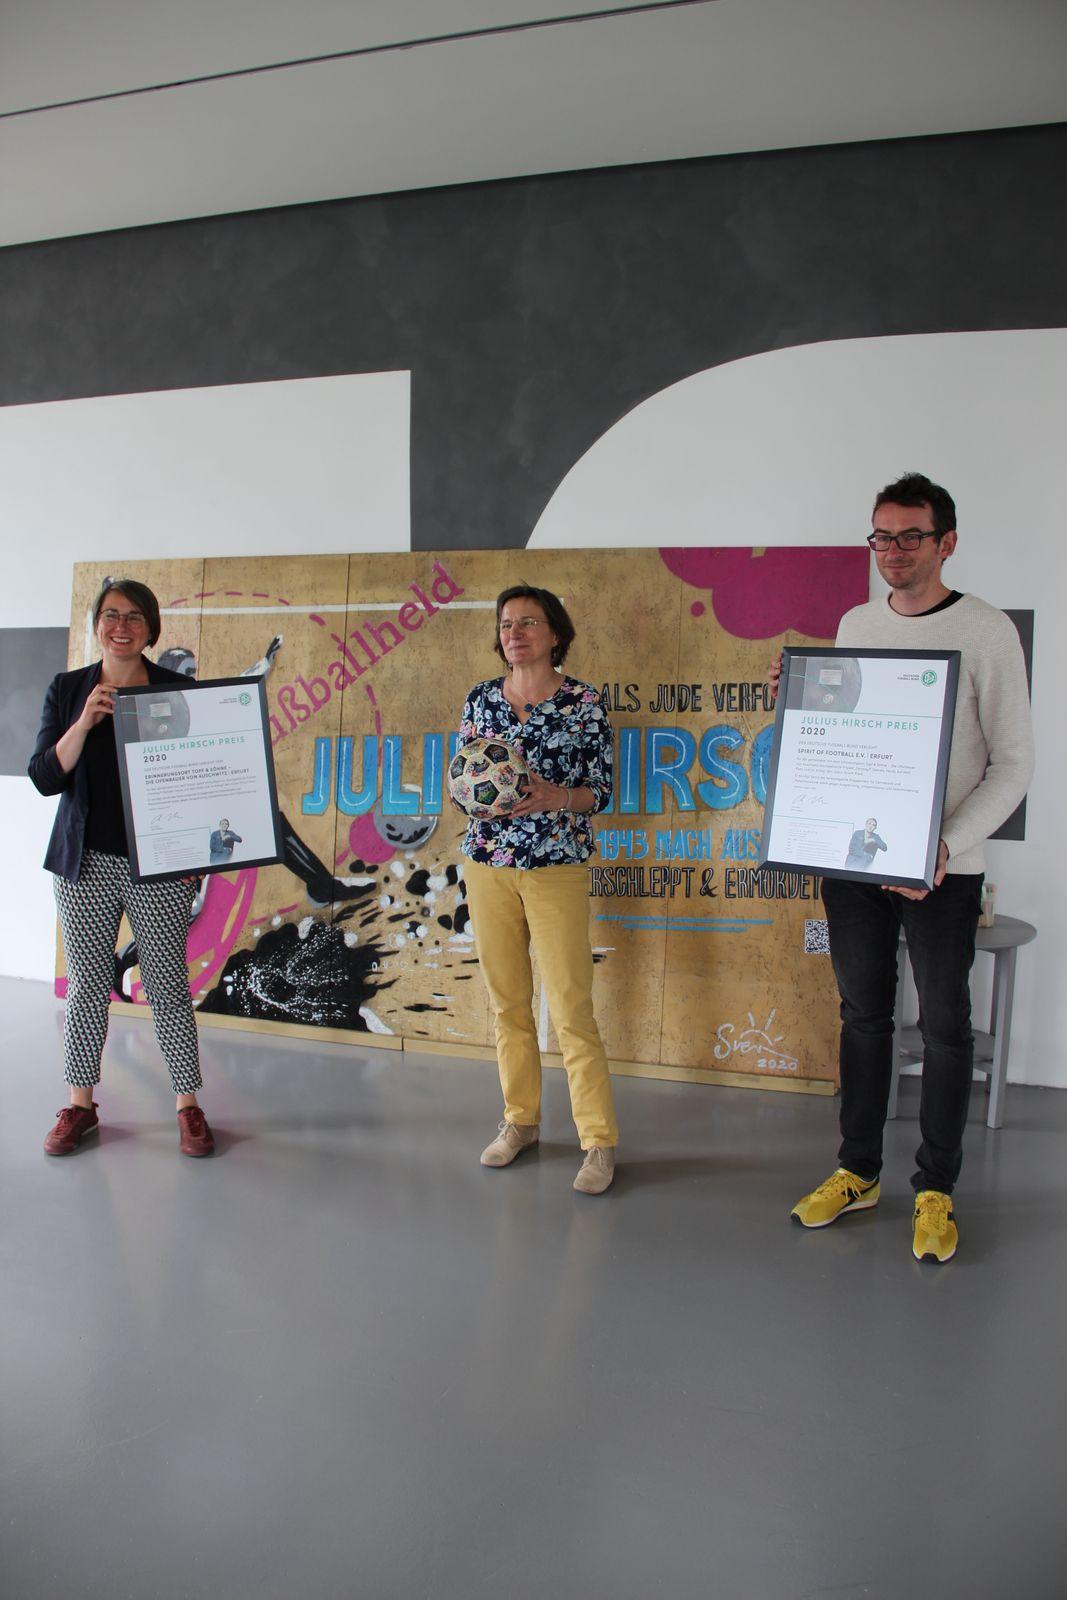 Die Preisträger des Julius-Hirsch-Preises 2020. Rebekka Schubert, Dr. Annegret Schüle und Sven Soederberg. (v.l.n.r.) Foto: Elisa Möser